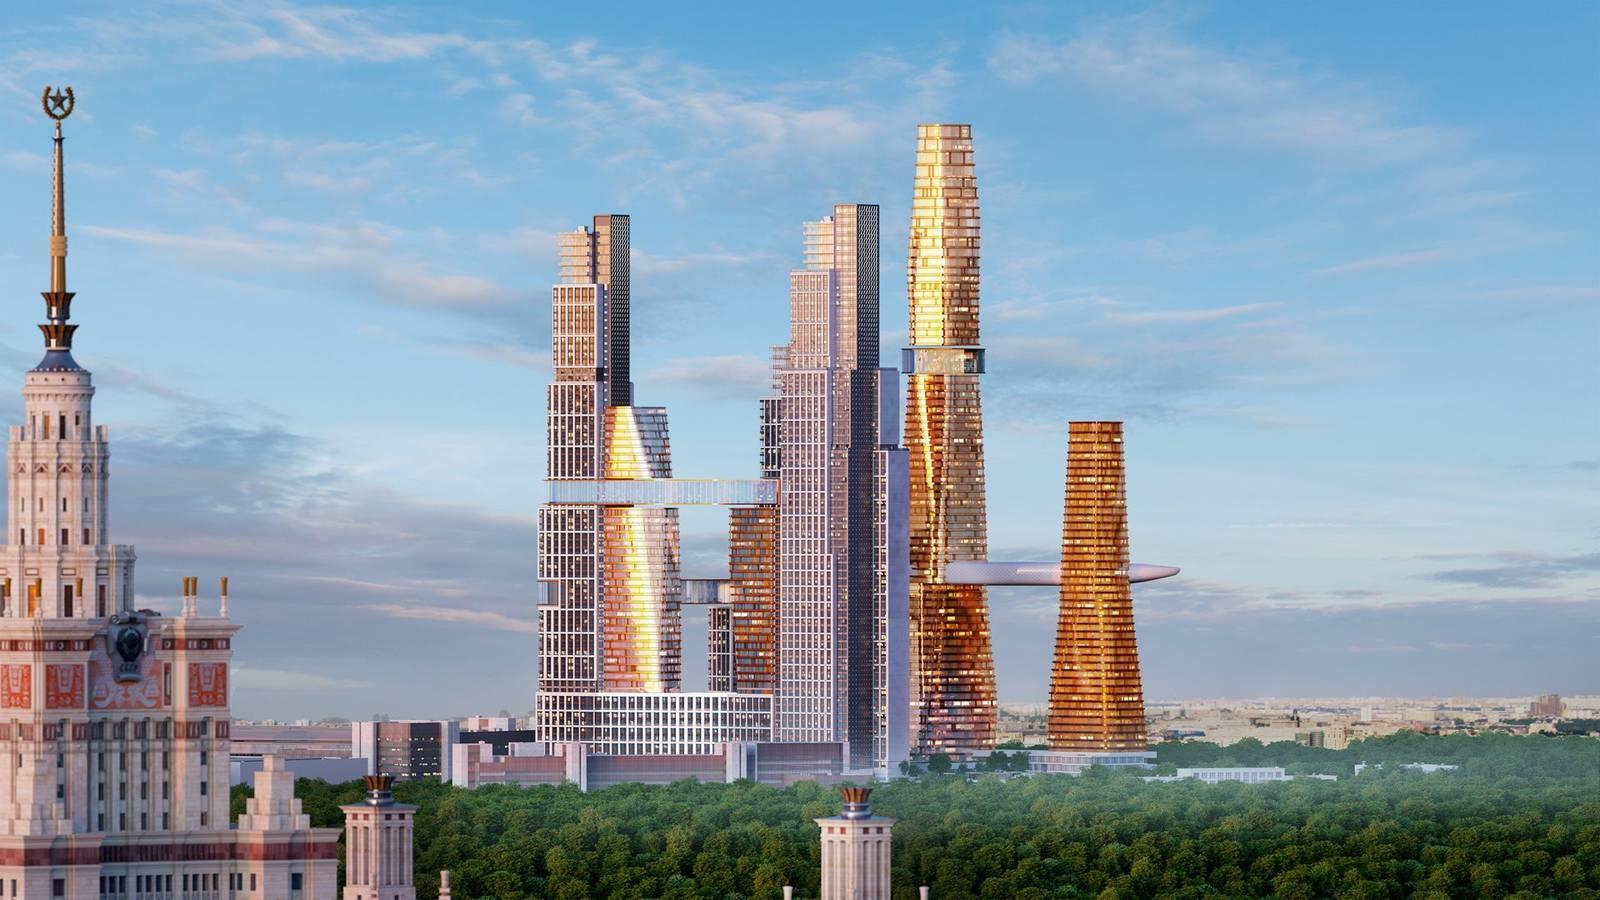 ЖК «Нескучный Home & SPA» от Gorn Development в ЮАО (Южном административном округе), 5 квартир от 10.92 млн. руб., акции официального застройщика, отзывы, ход строительства, форум